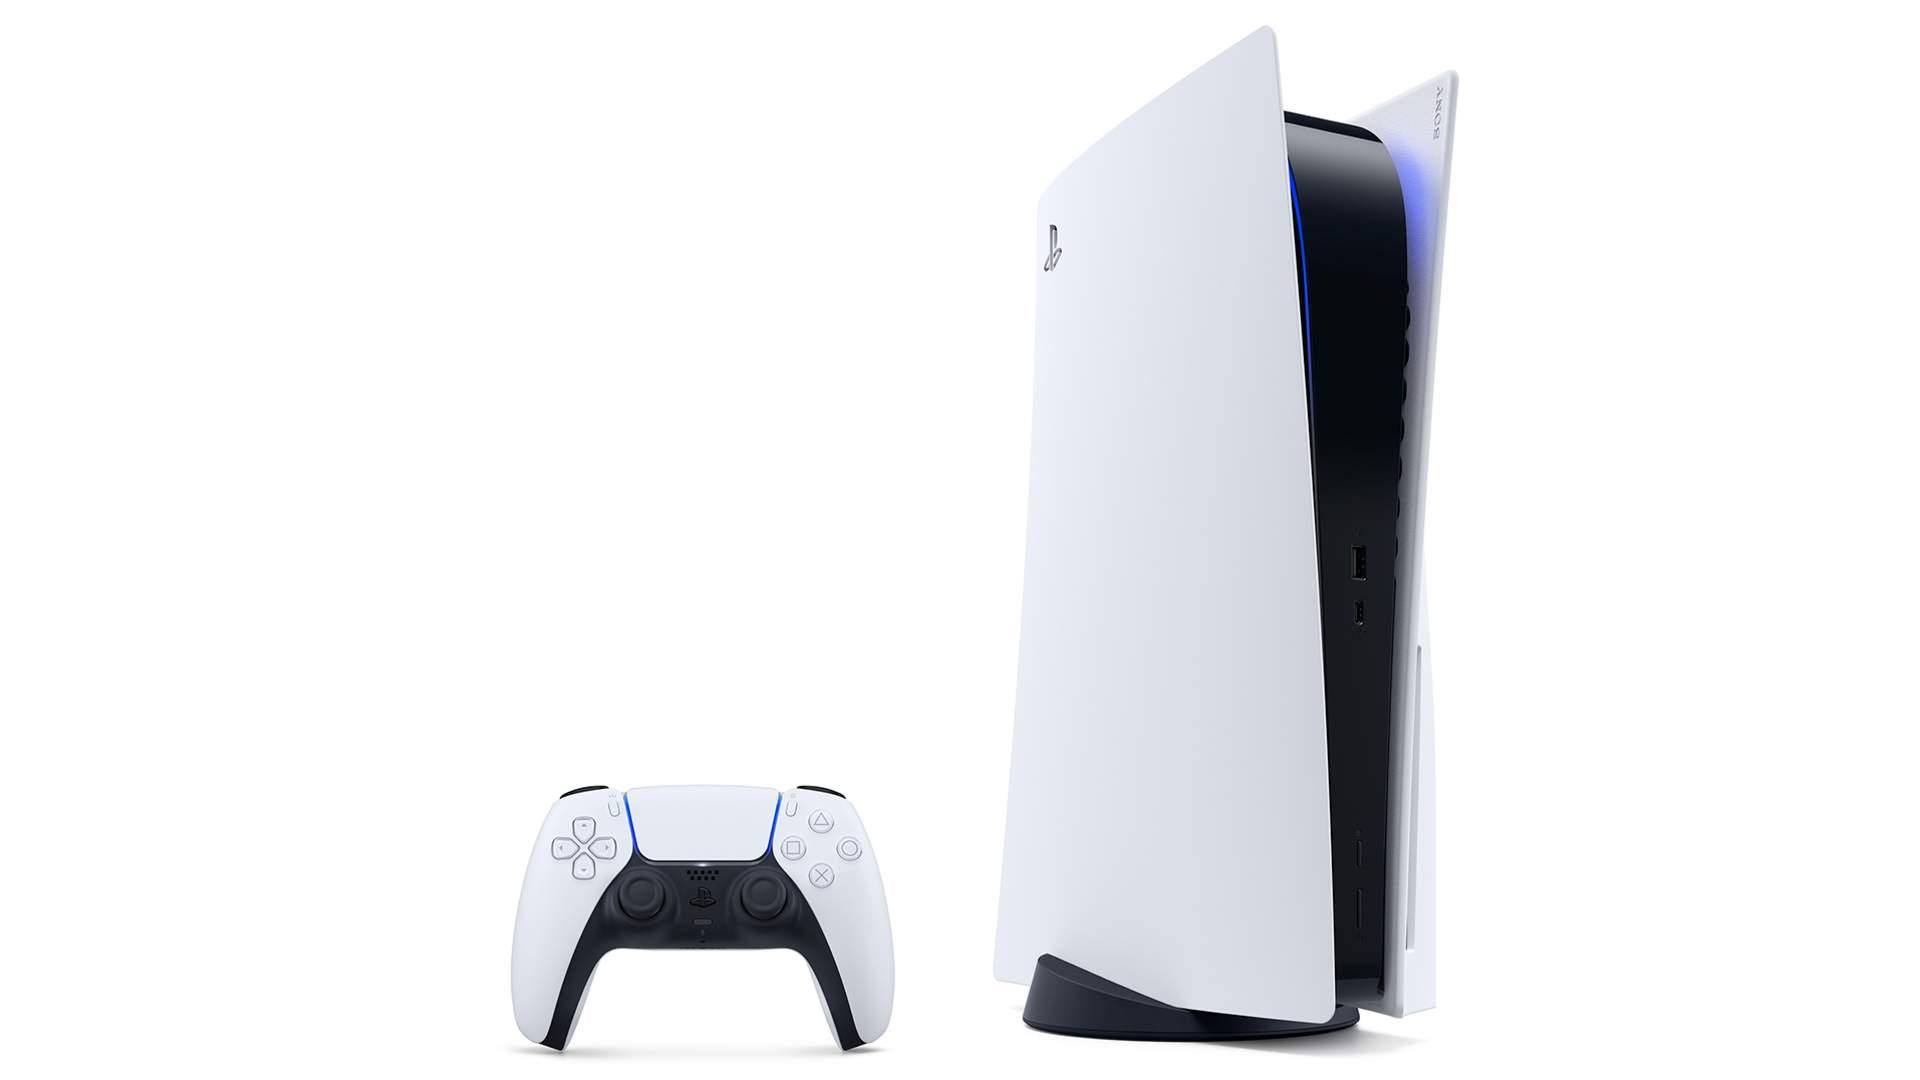 PS5已成英国玩家新宠 调查显示85%的玩家更喜欢PS5